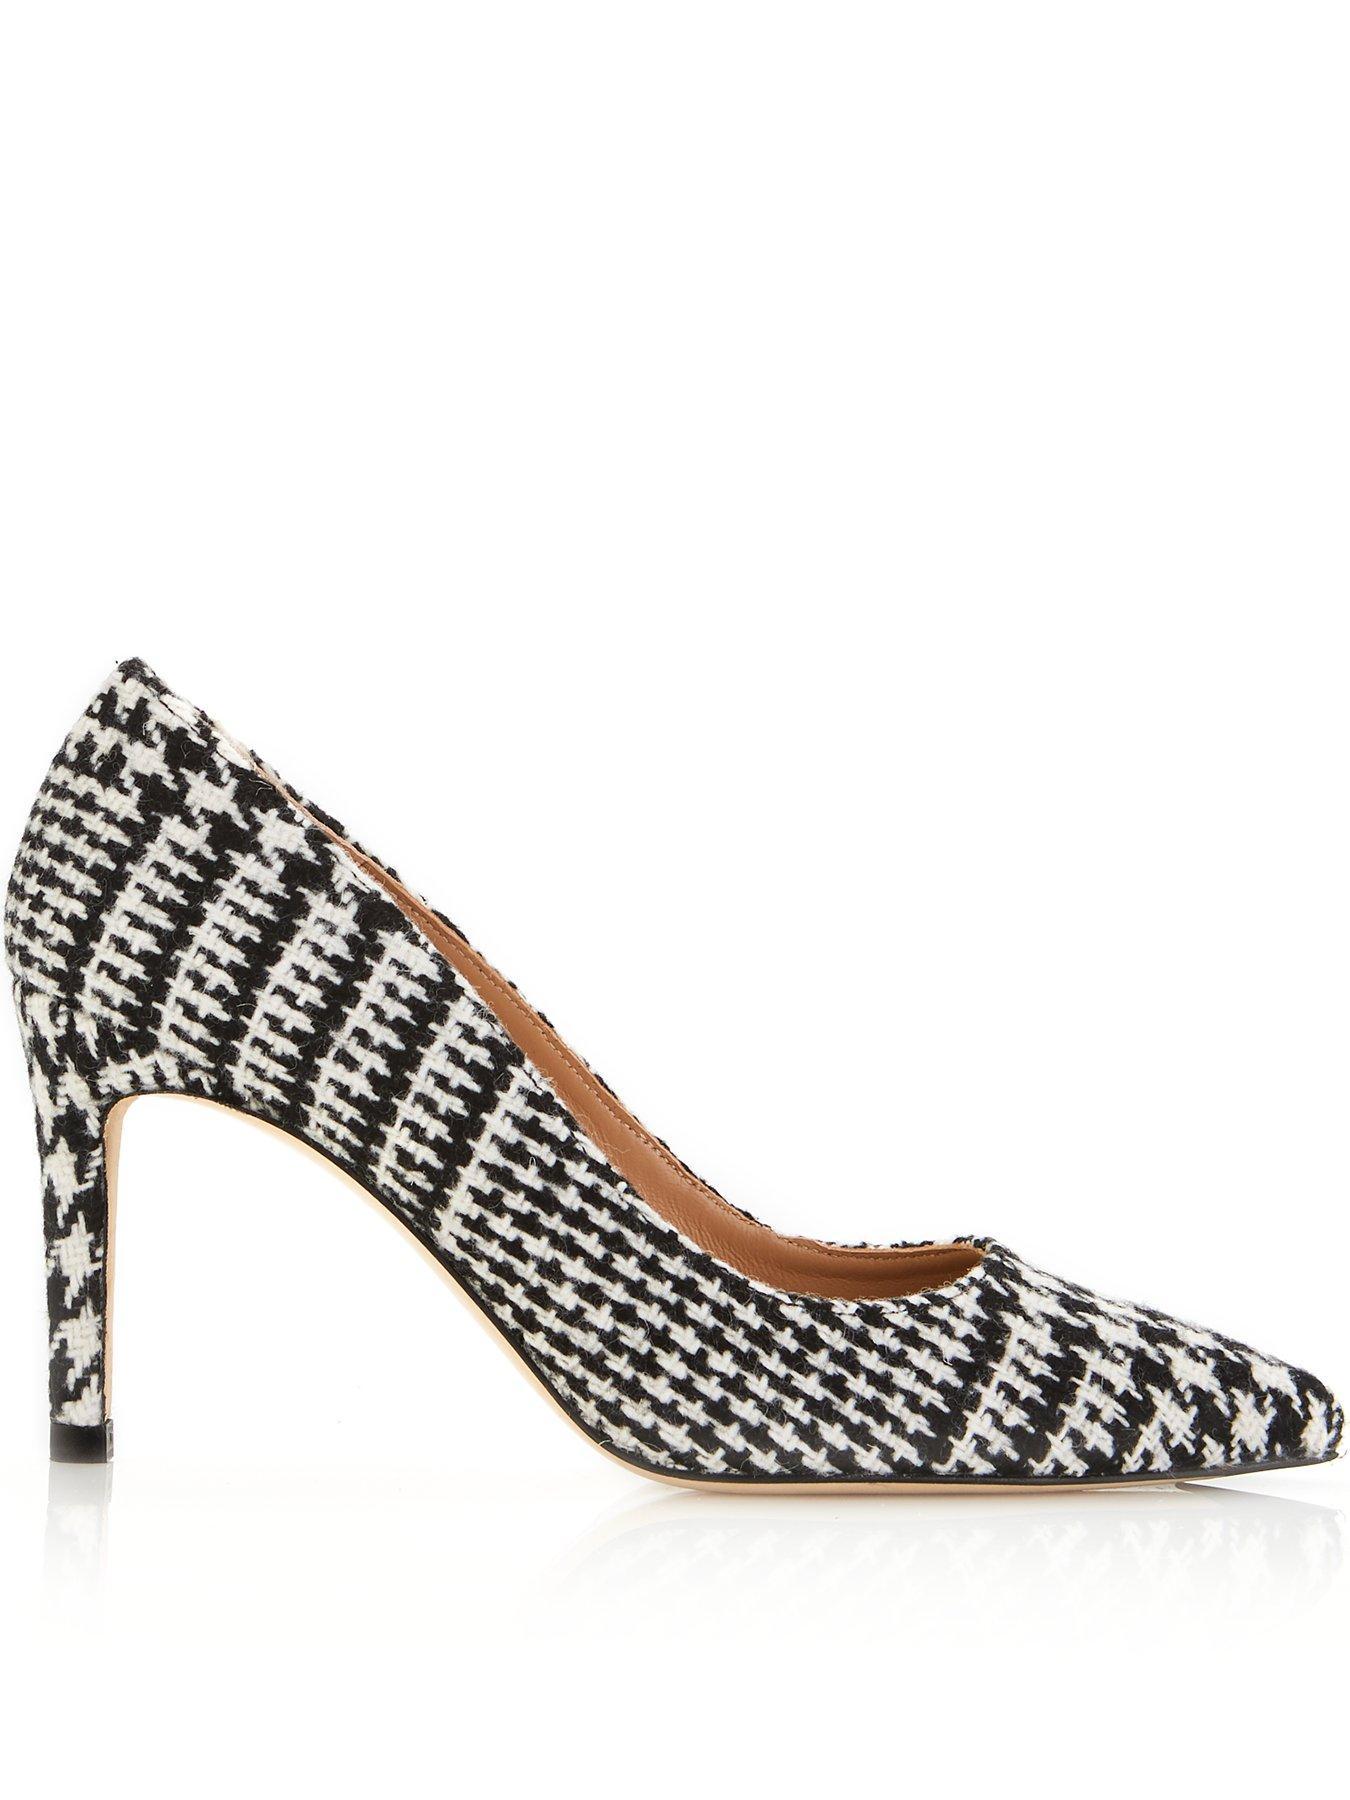 Heels | Designer brands | www.very.co.uk